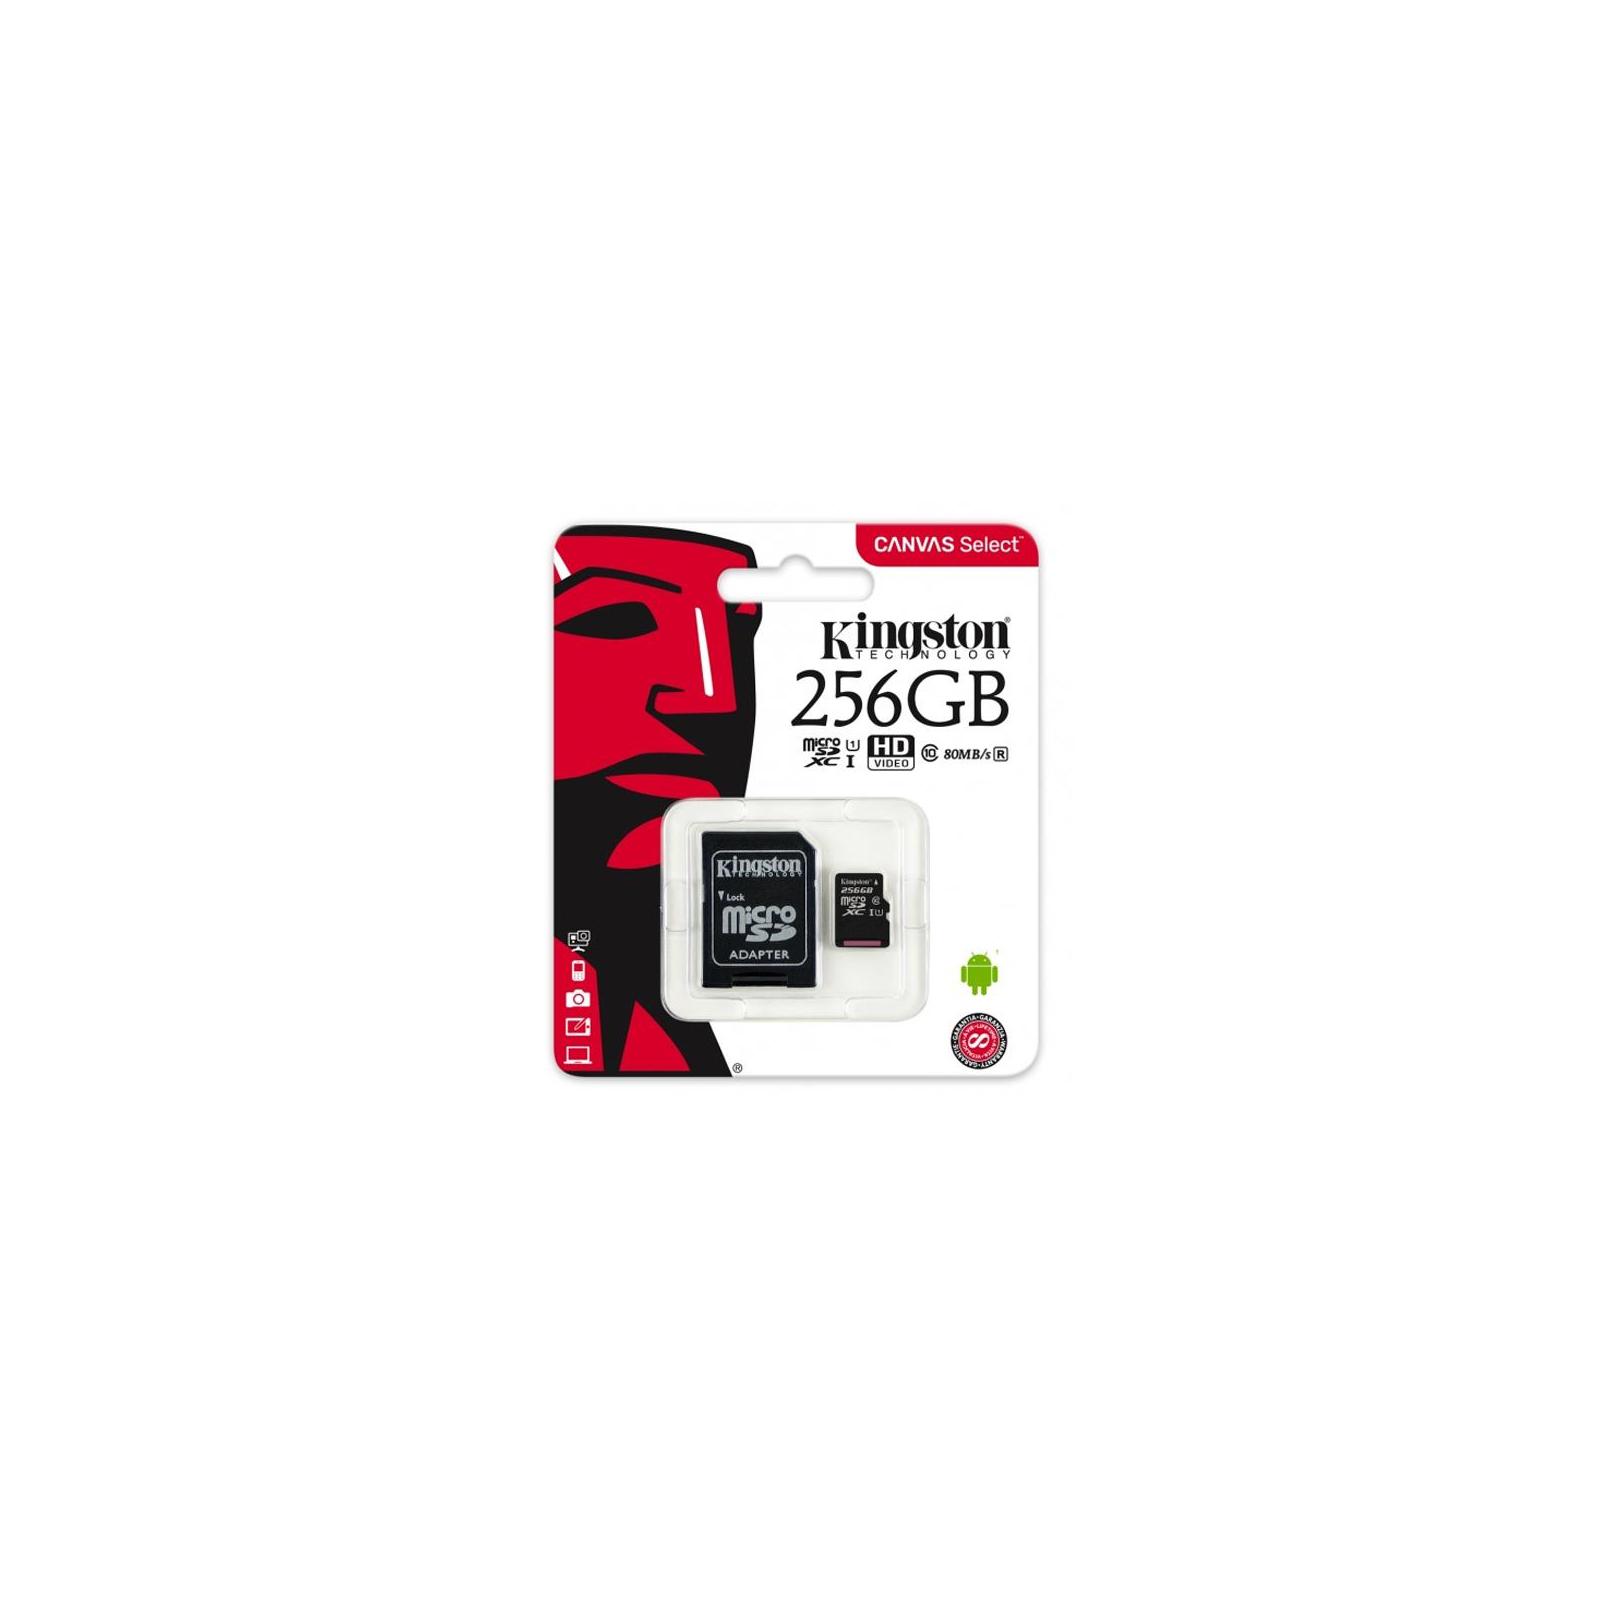 Карта памяти Kingston 256GB microSDXC class 10 UHS-I Canvas Select (SDCS/256GB) изображение 3